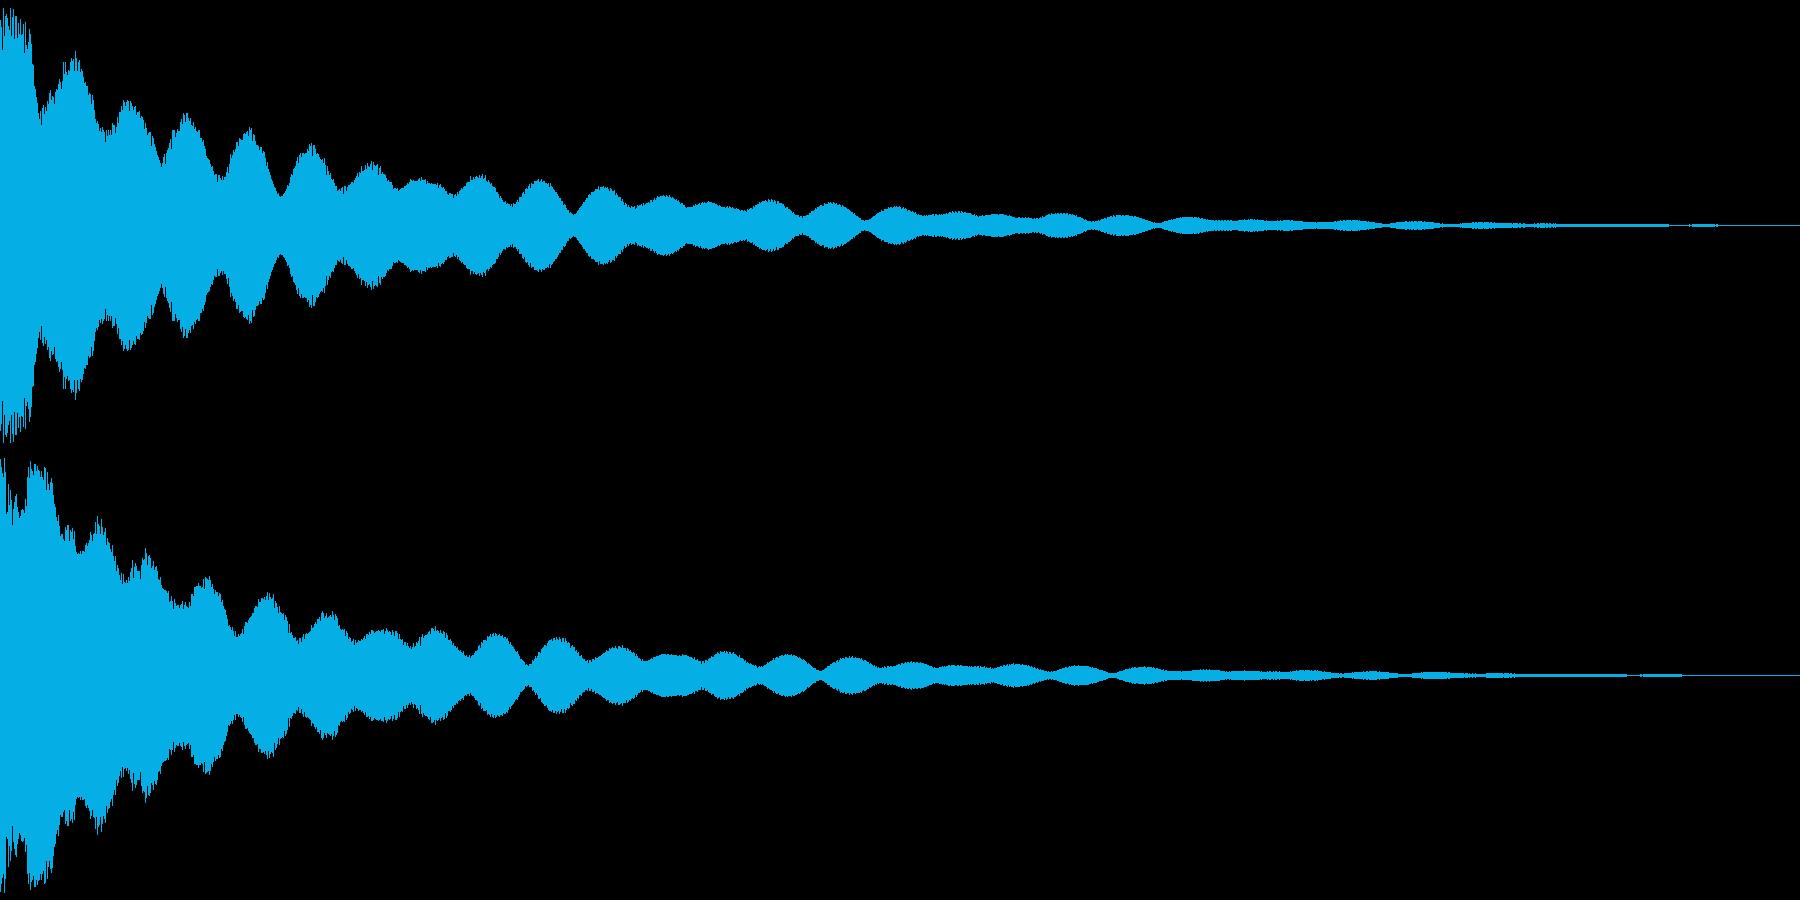 チーン 仏具の鐘、お鈴 ver.Cの再生済みの波形